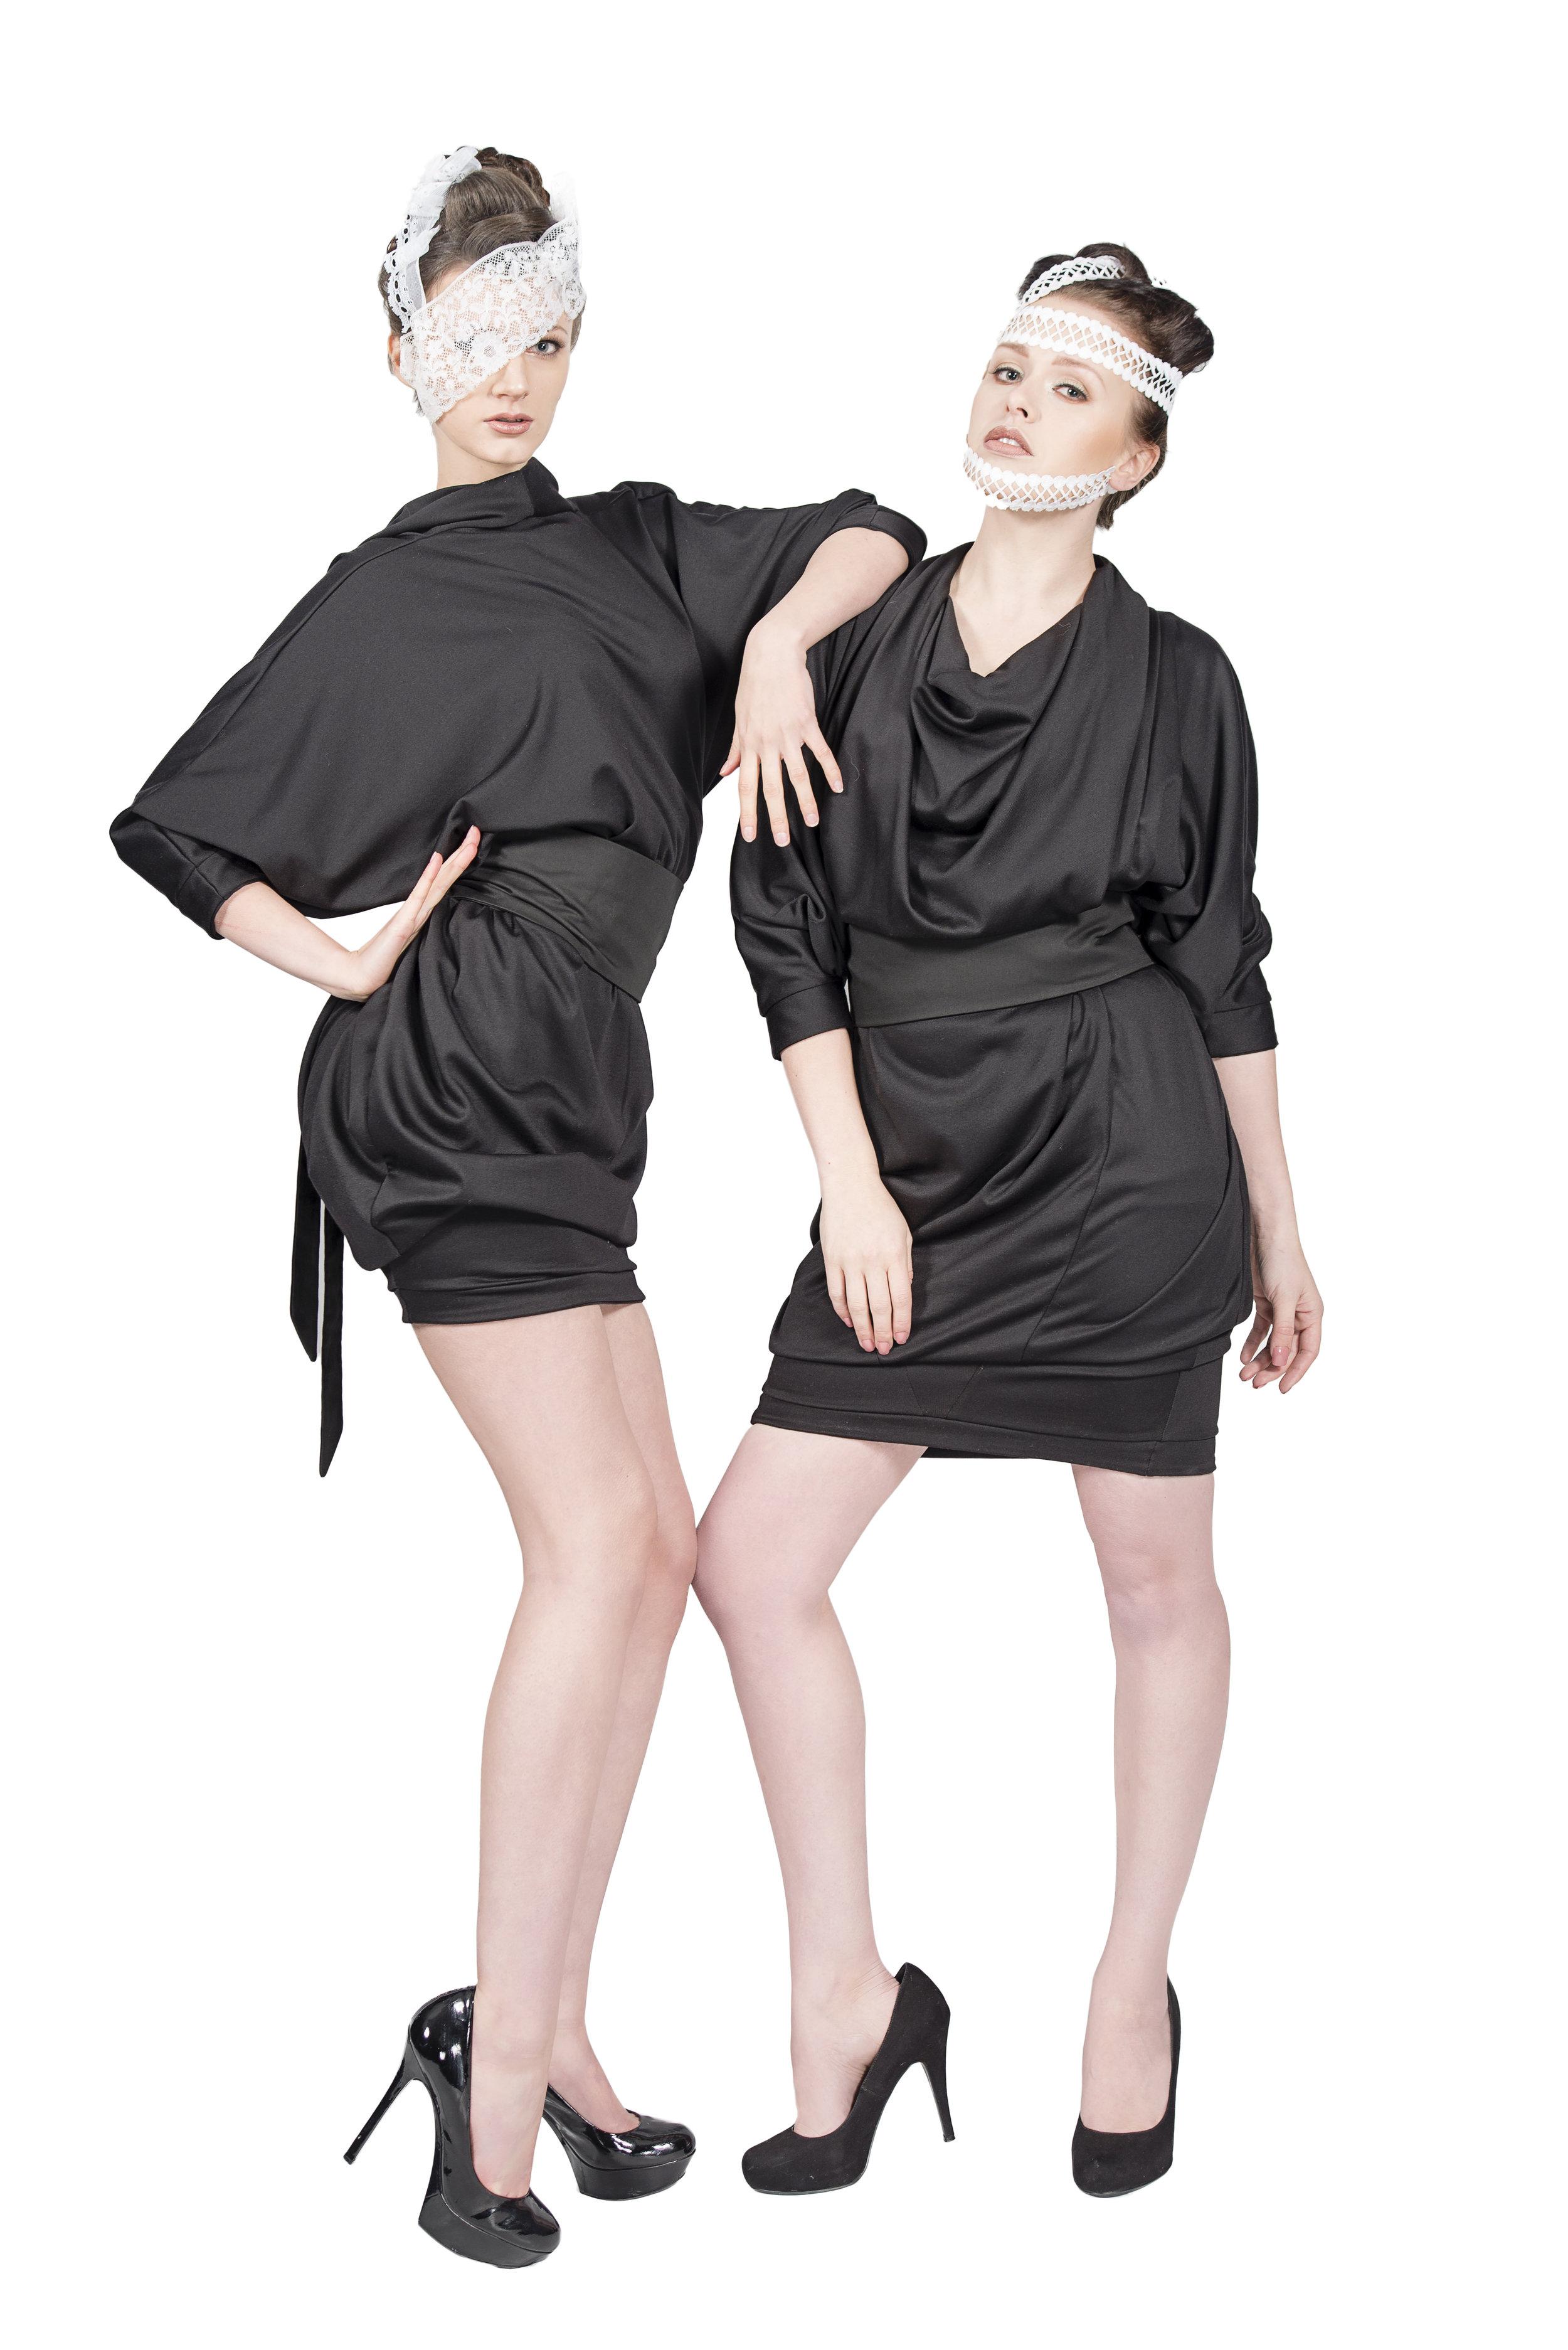 zaramia-ava-zaramiaava-leeds-fashion-designer-ethical-sustainable-tailored-minimalist-aya-lace-black-obi-belt-dress-versatile-drape-cowl-styling-studio-womenswear-models-photoshoot-black-white-1